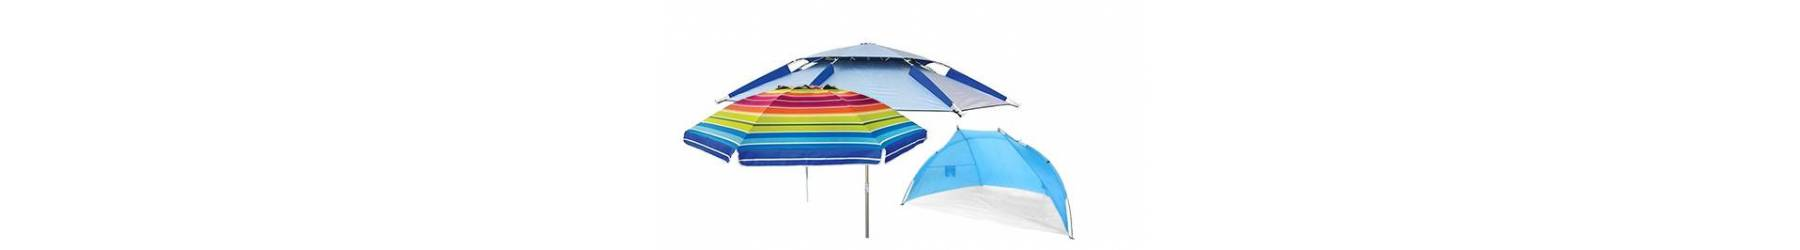 Ομπρέλες για τη παραλία και το camping